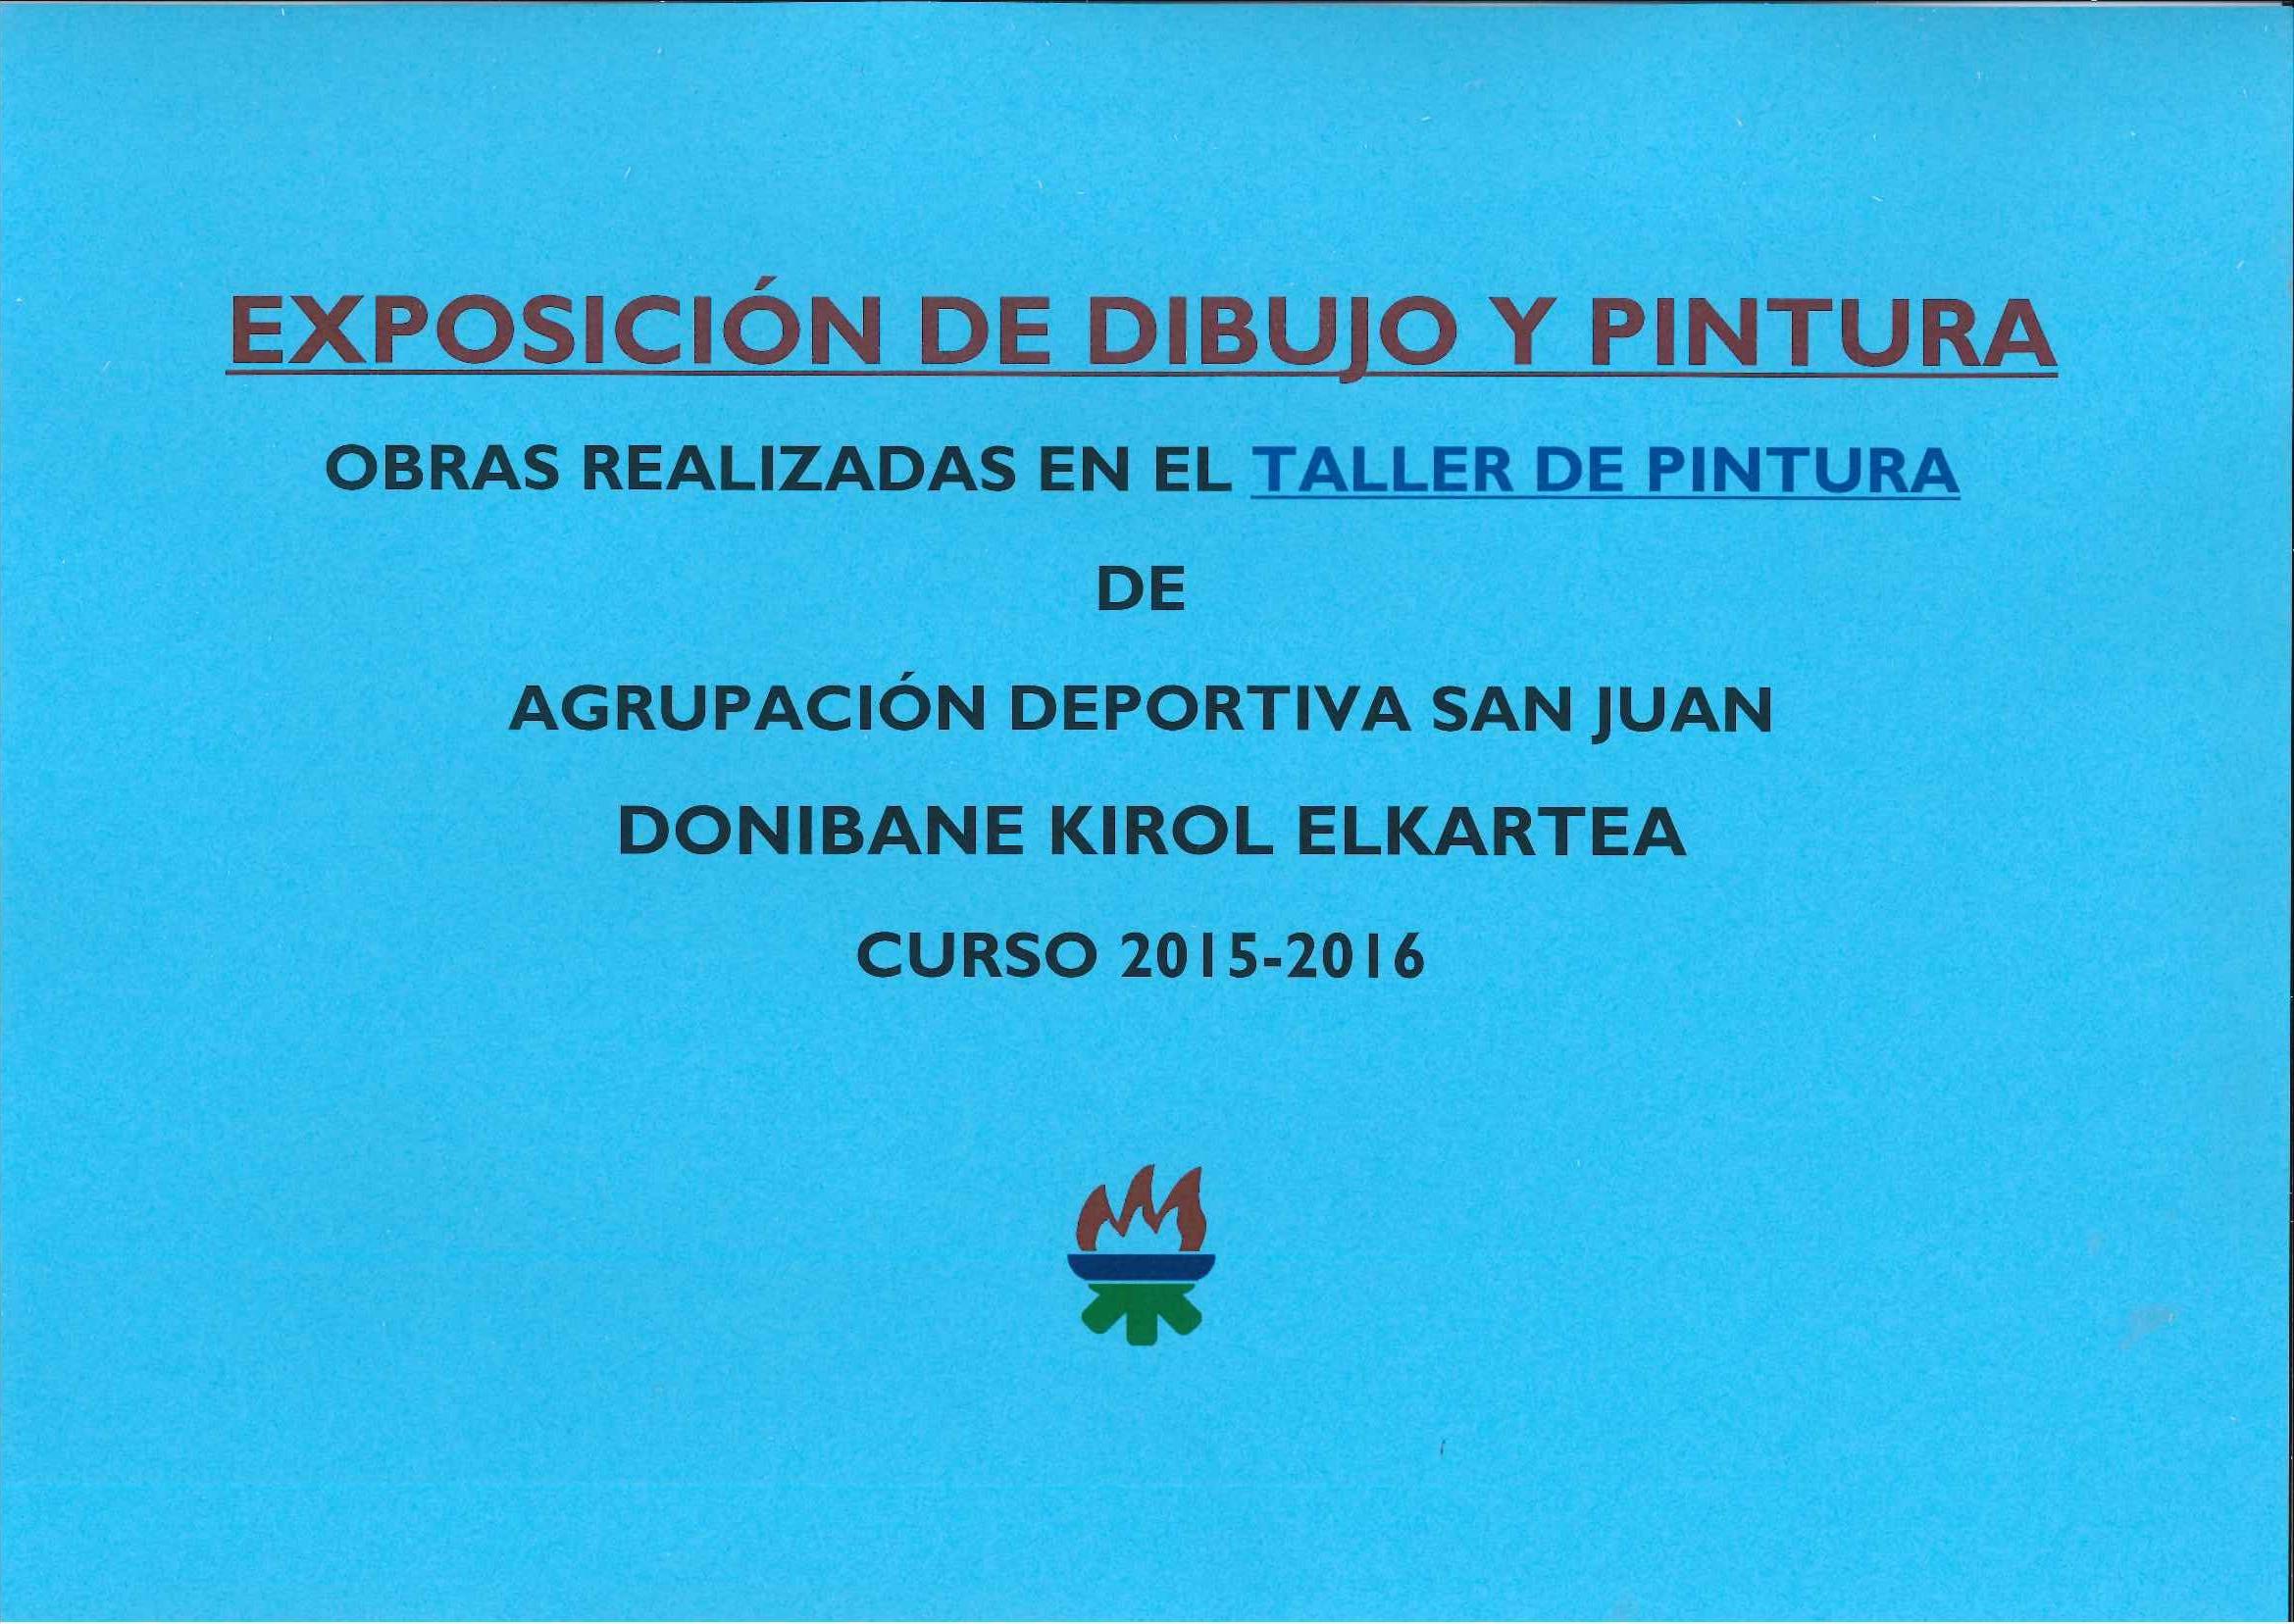 Exposición del Taller de Pintura Curso 2015-2016